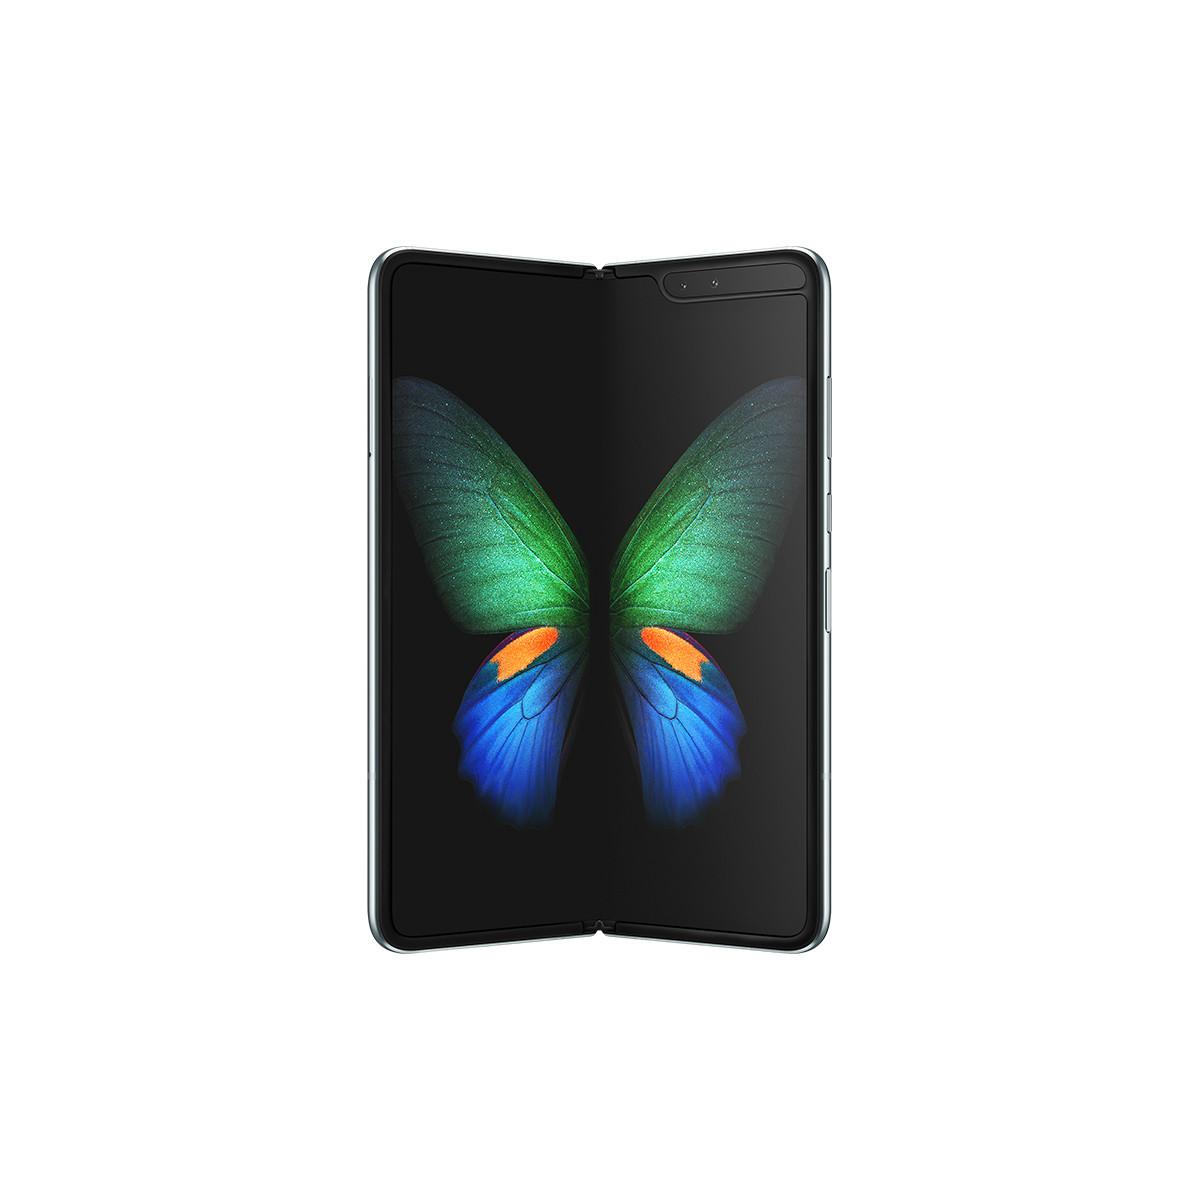 三星三星 Galaxy Fold折叠屏双屏手机12GB+512GBGalaxy Fold 夜雾银